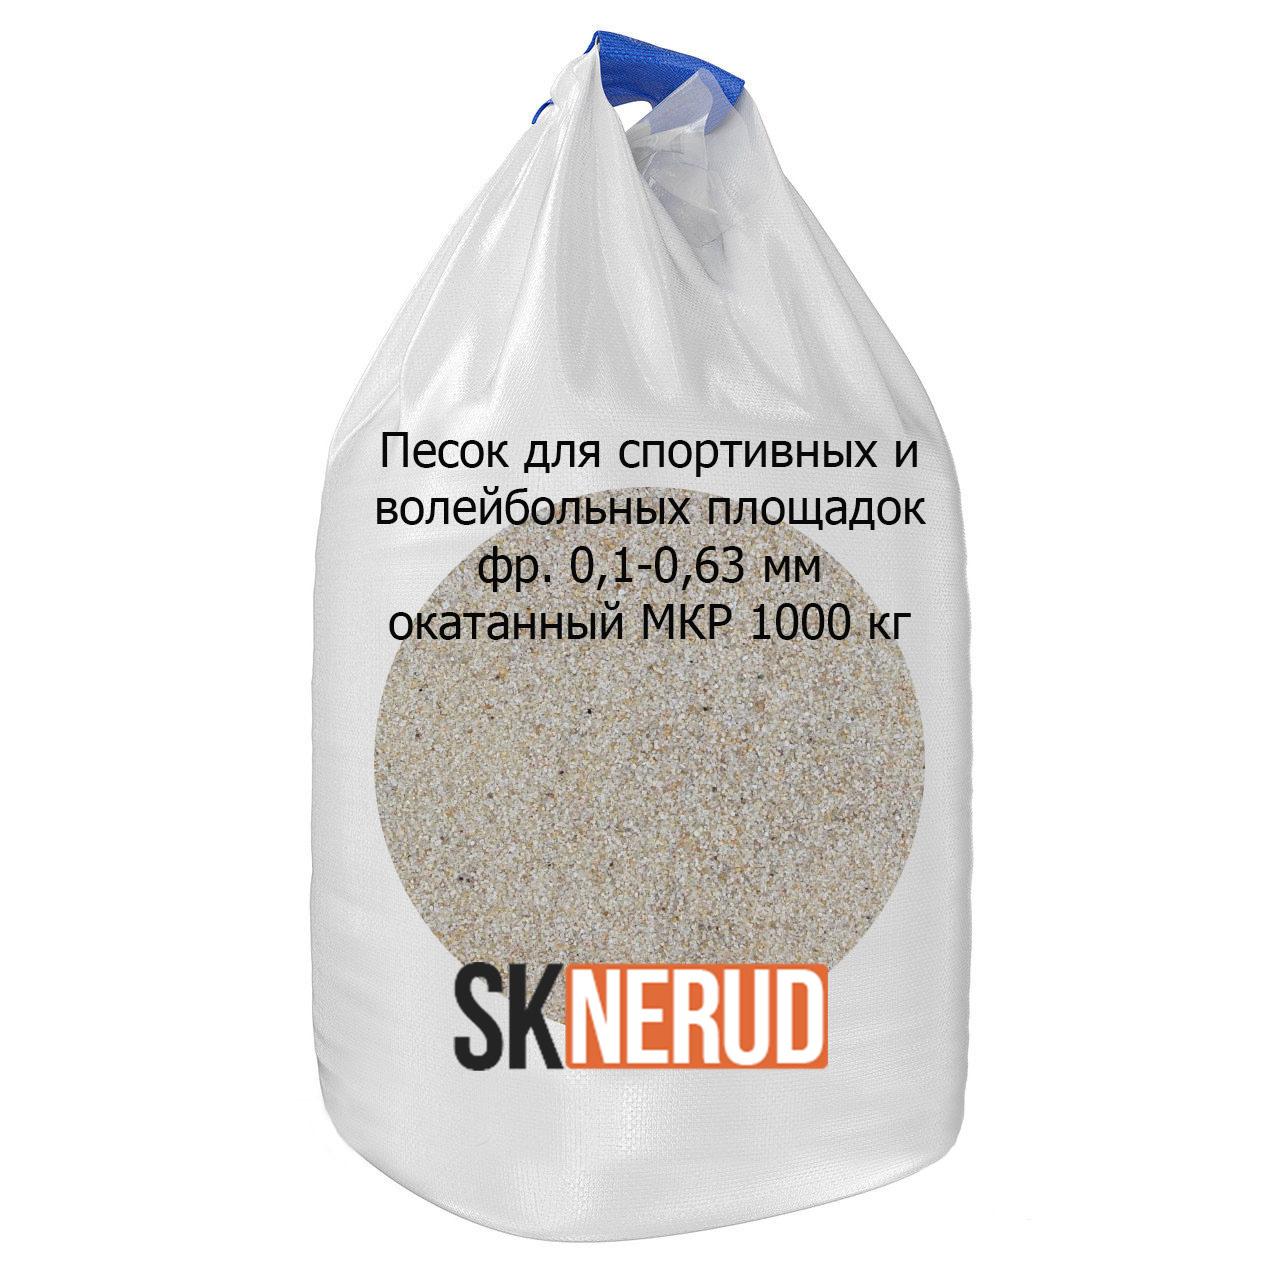 Песок для спортивных площадок 0,1-0,63 мм МКР